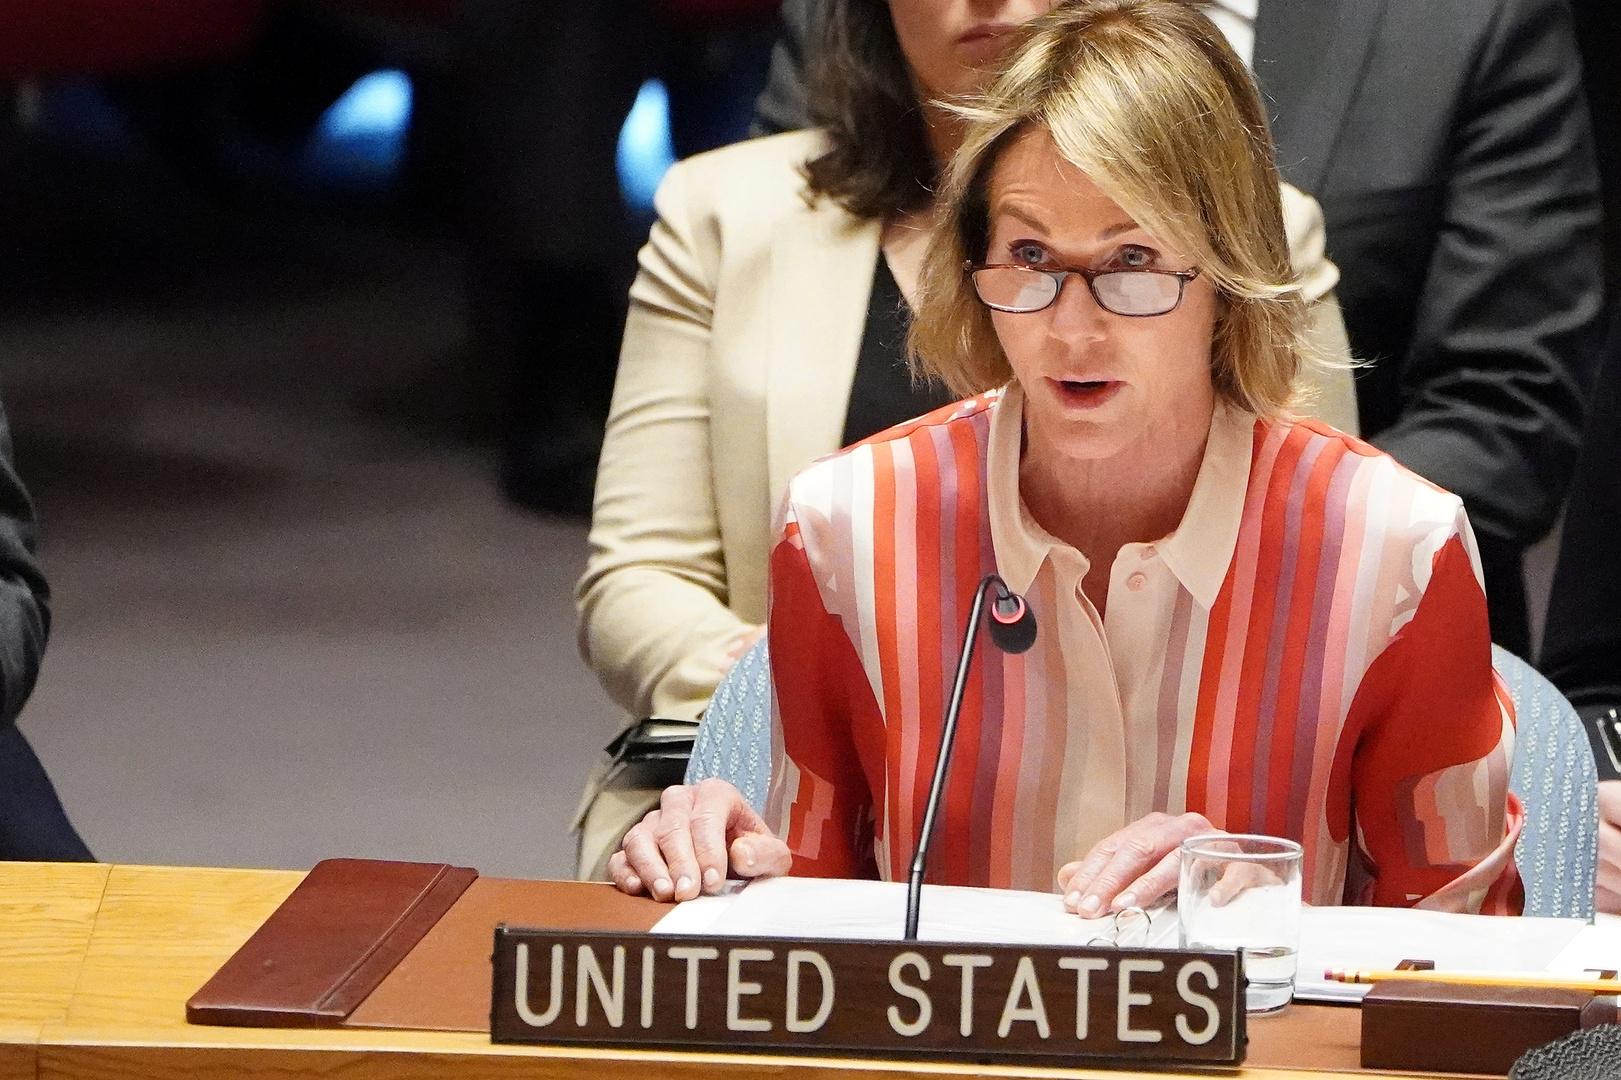 واشنطن تحرض ضد مشروع قرار روسي في مجلس الأمن لإيصال المساعدات لسوريا